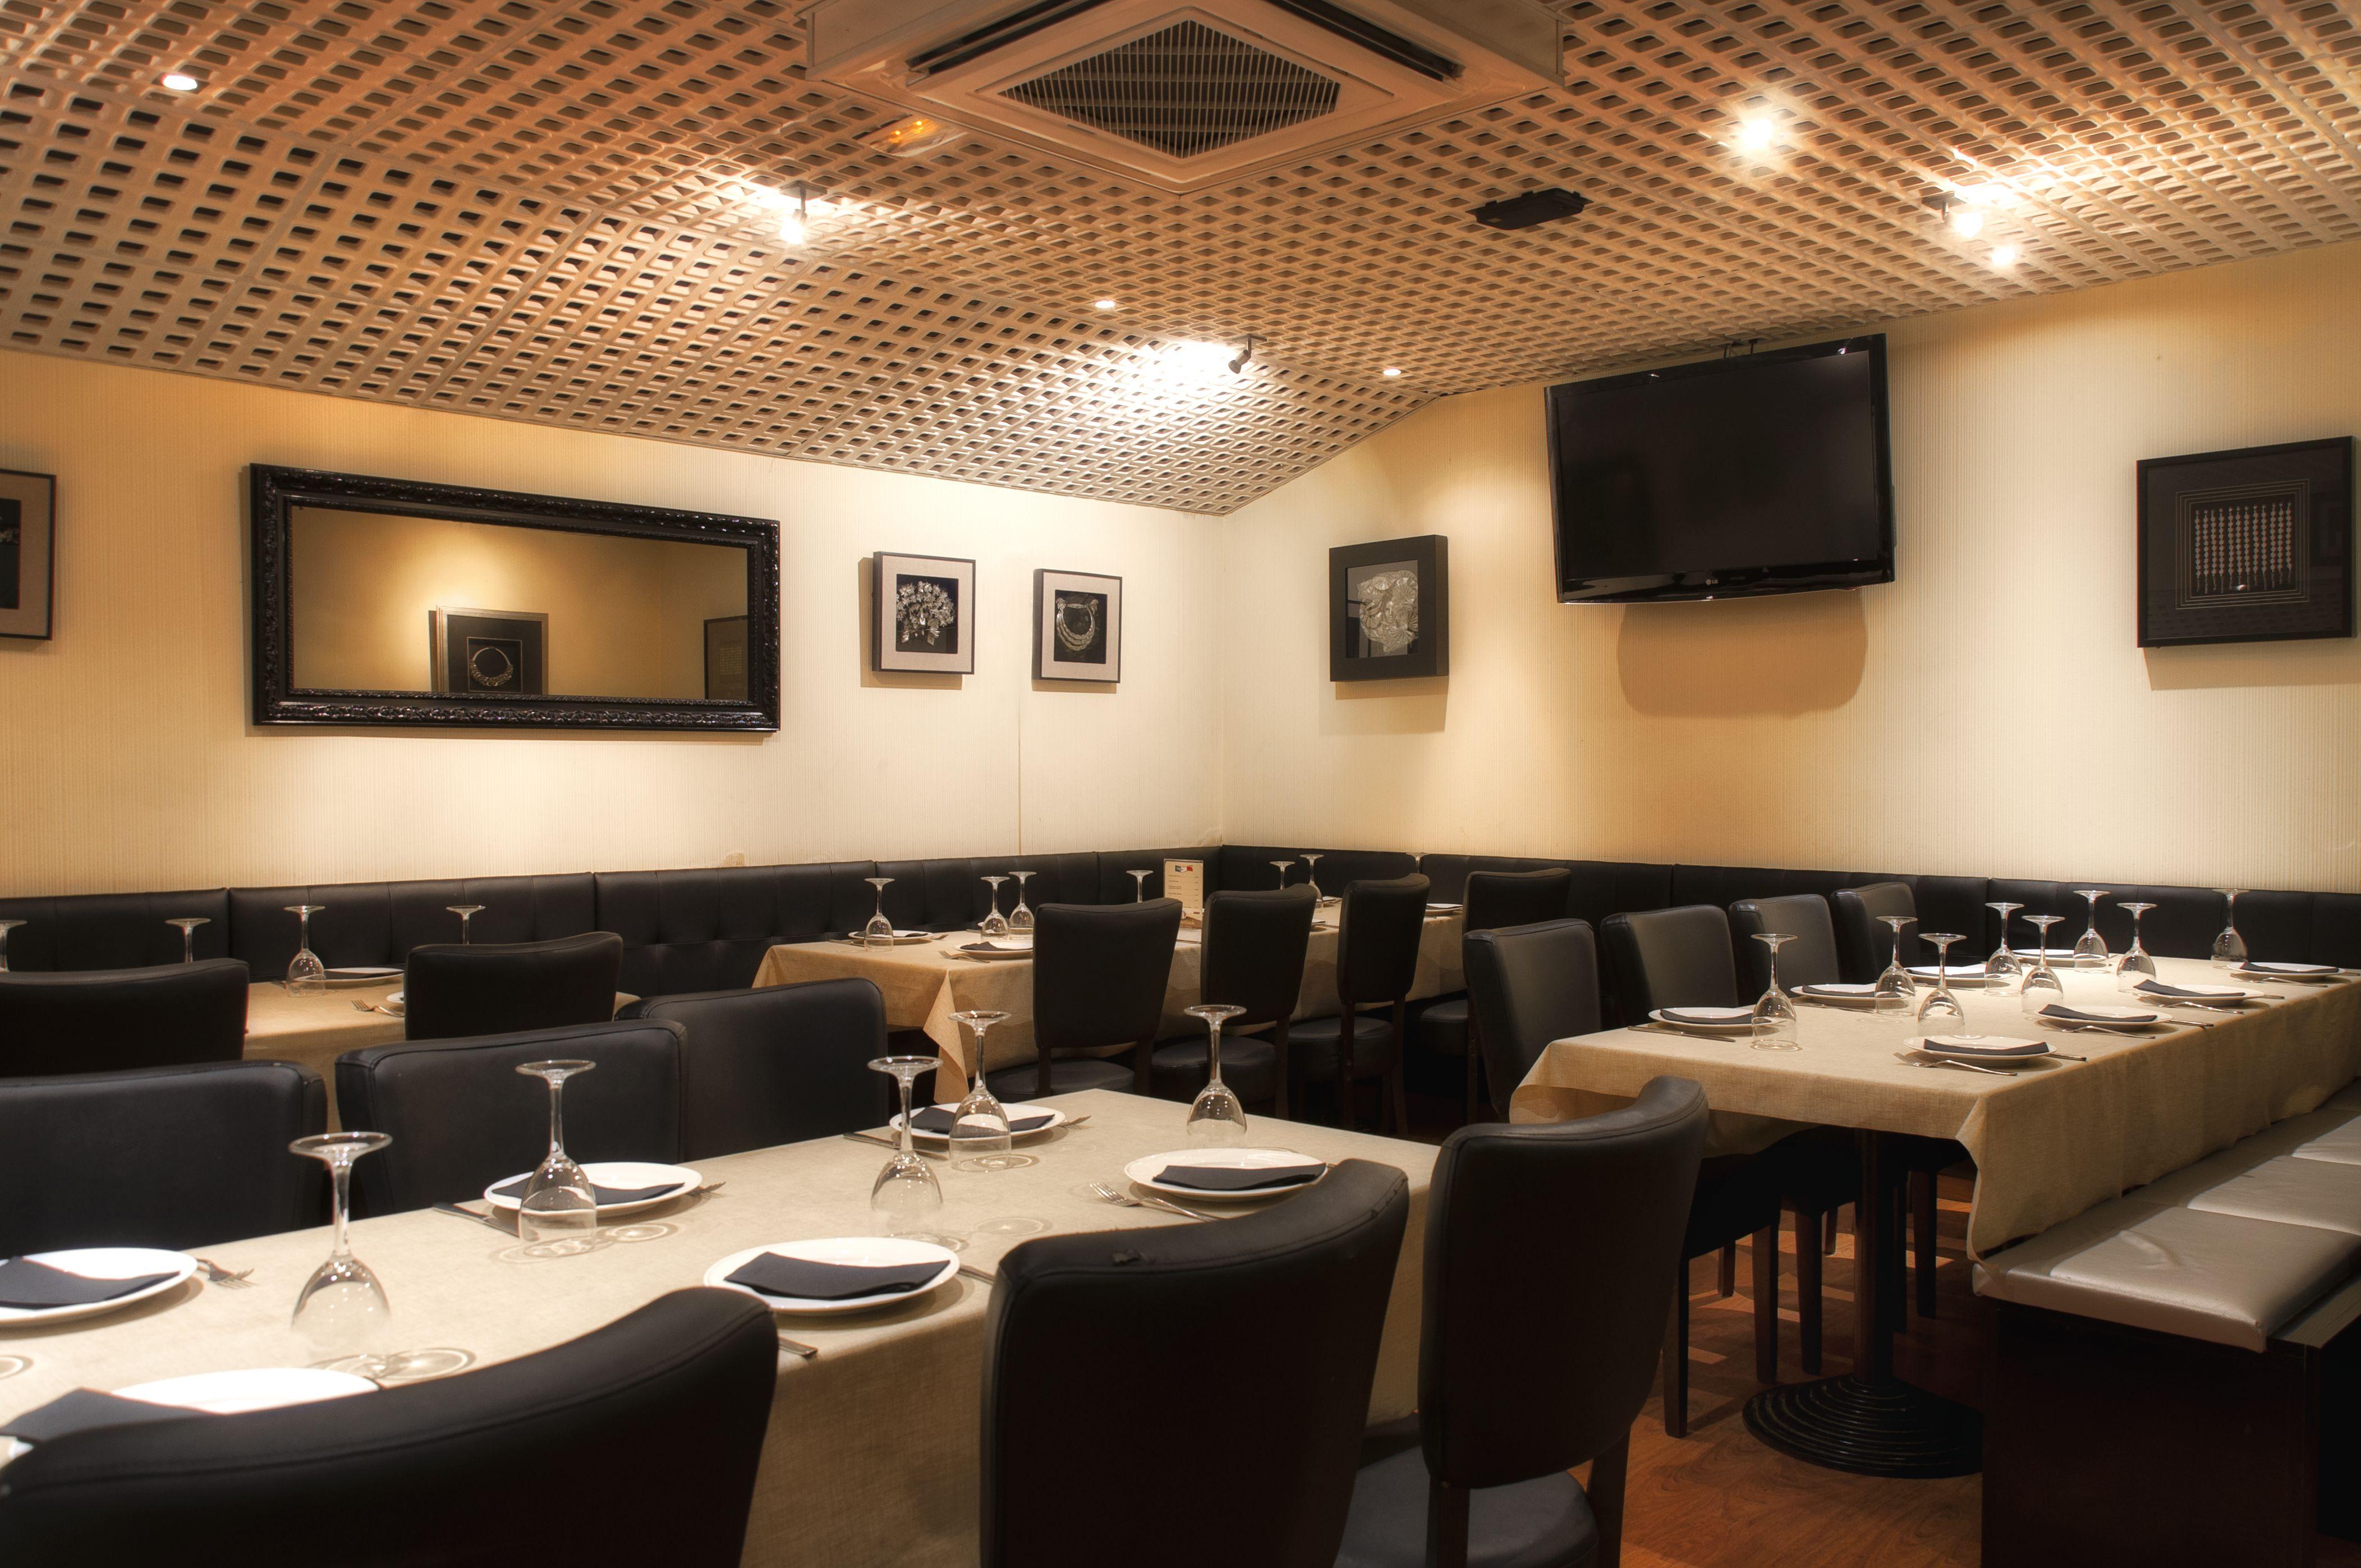 Foto 19 de Restaurante italiano en Collado Villalba | Restaurante Robertinos